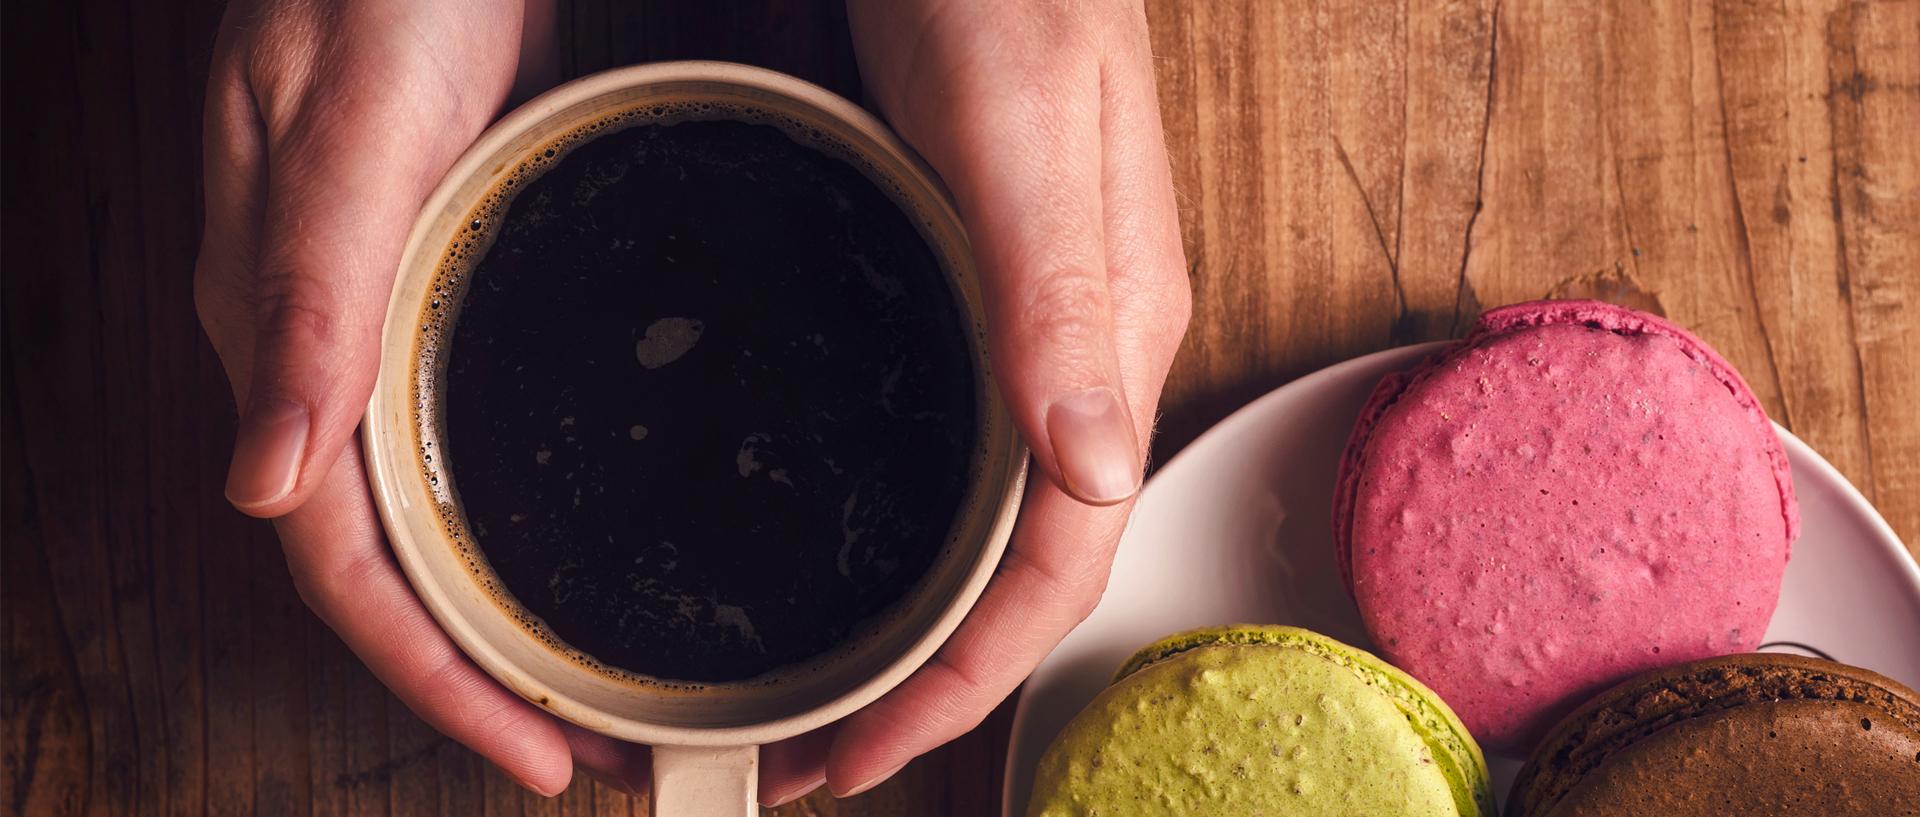 Bella Coffee Maker Targets Grown Up Millennials